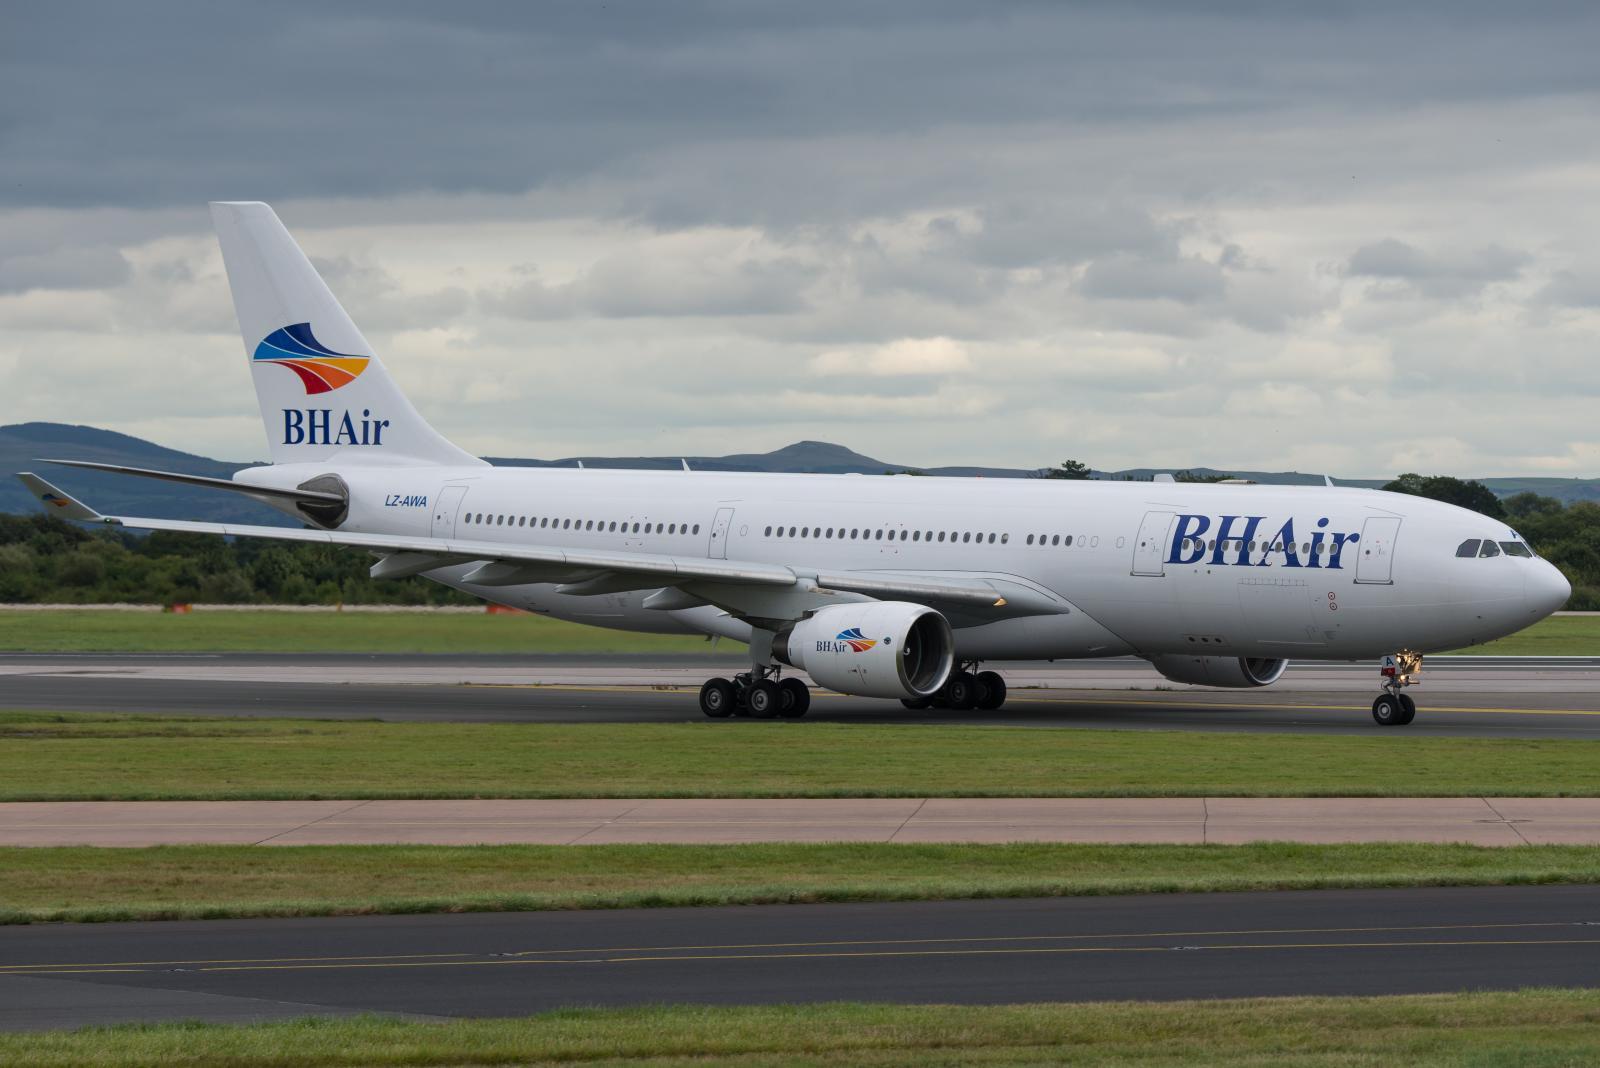 A BH Air egyetlen Airbus A330-200 típusú repülőgépének érkezése Manchesterbe. (Fotó: PRA Images - Flickr)   © AIRportal.hu